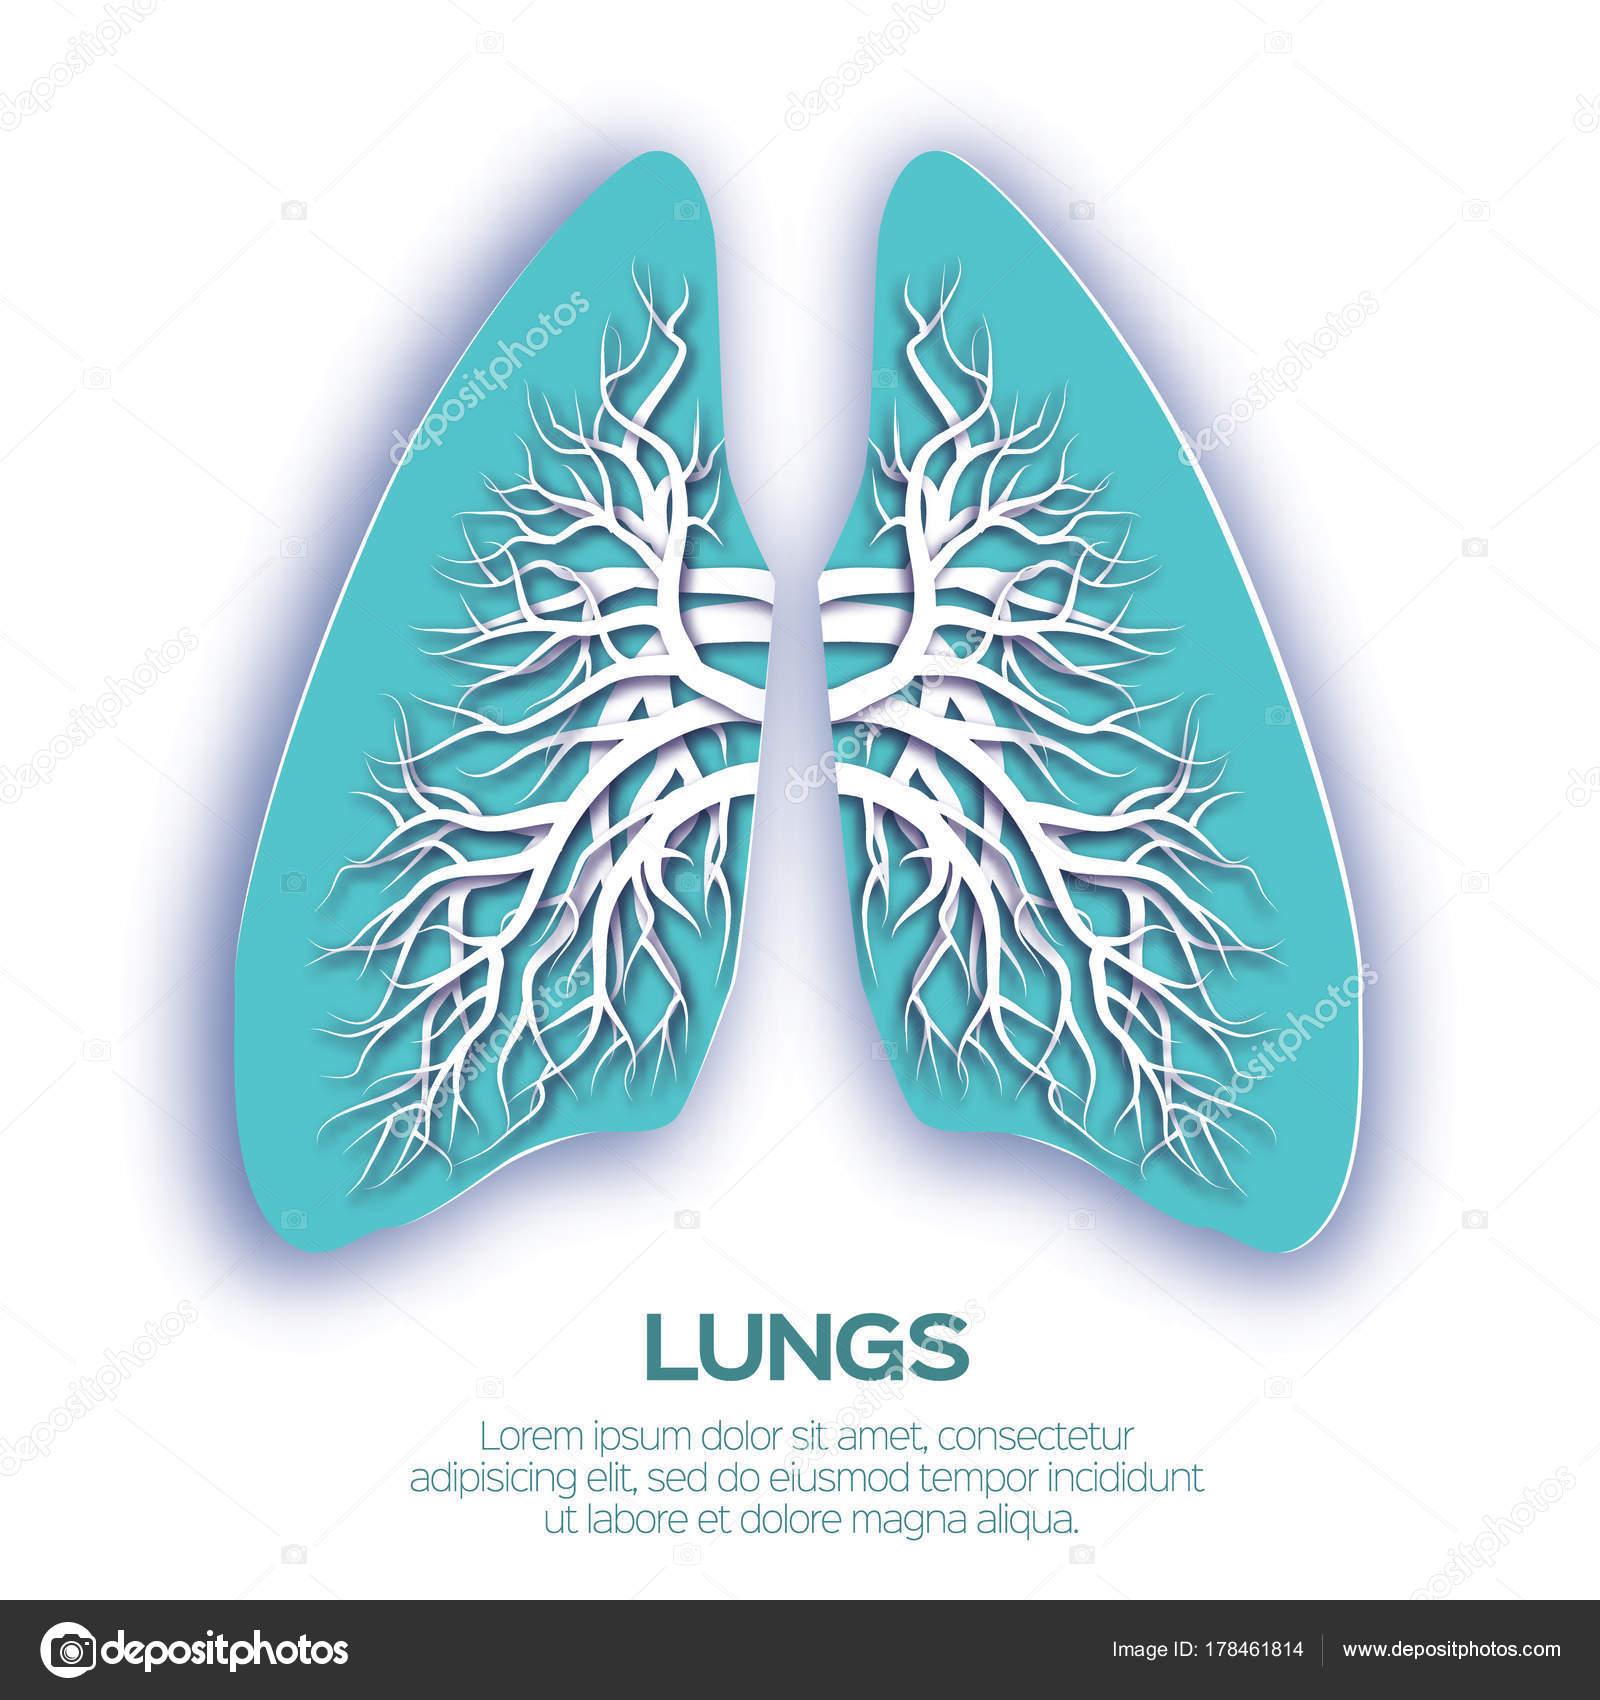 Origami de los pulmones. Papel azul cortado anatomía de pulmones ...